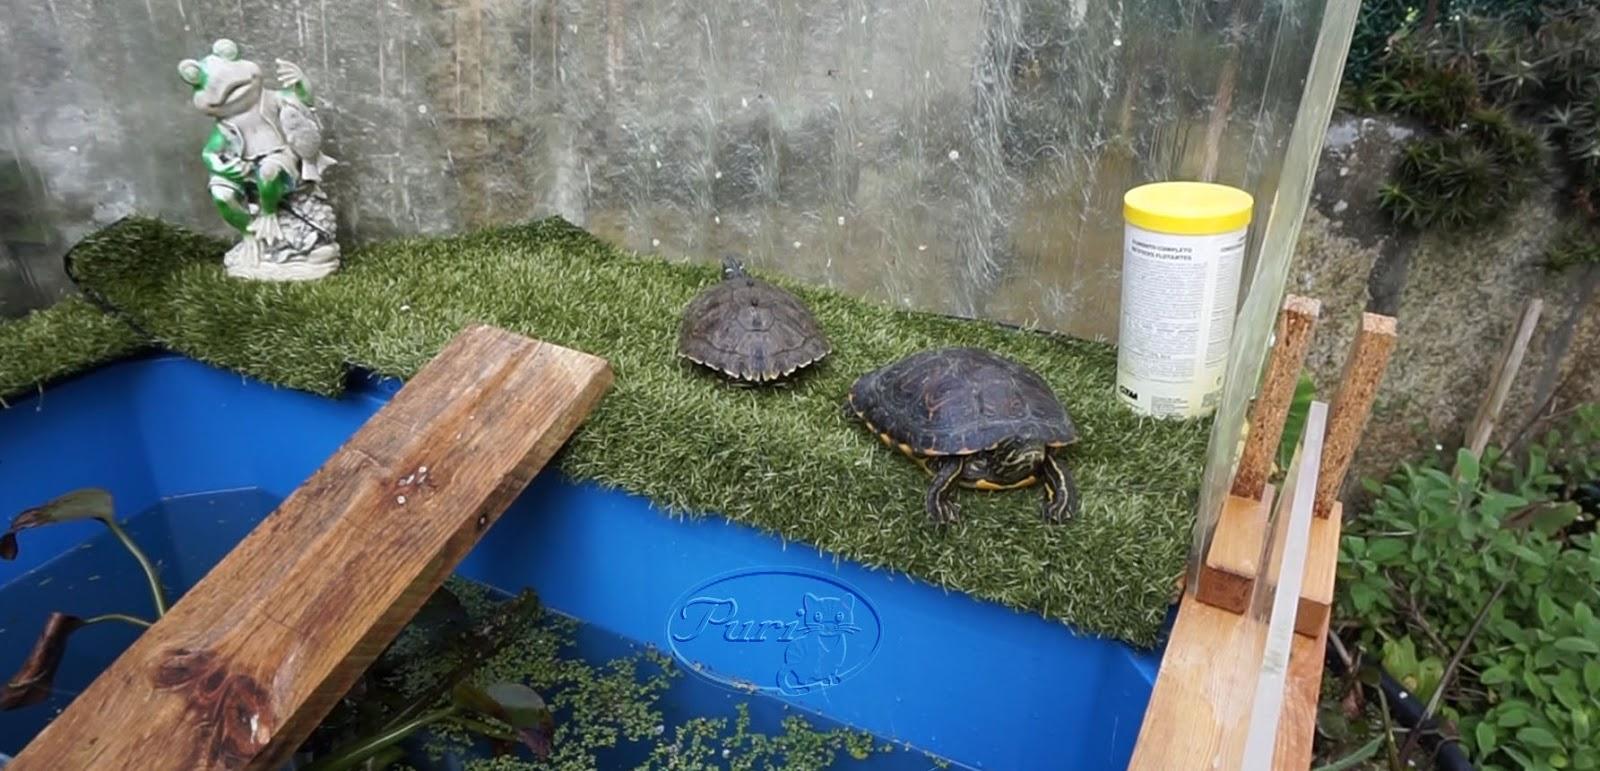 Mi jardin y mi huerto hacer un estanque de tortugas - Como construir un estanque para tortugas ...